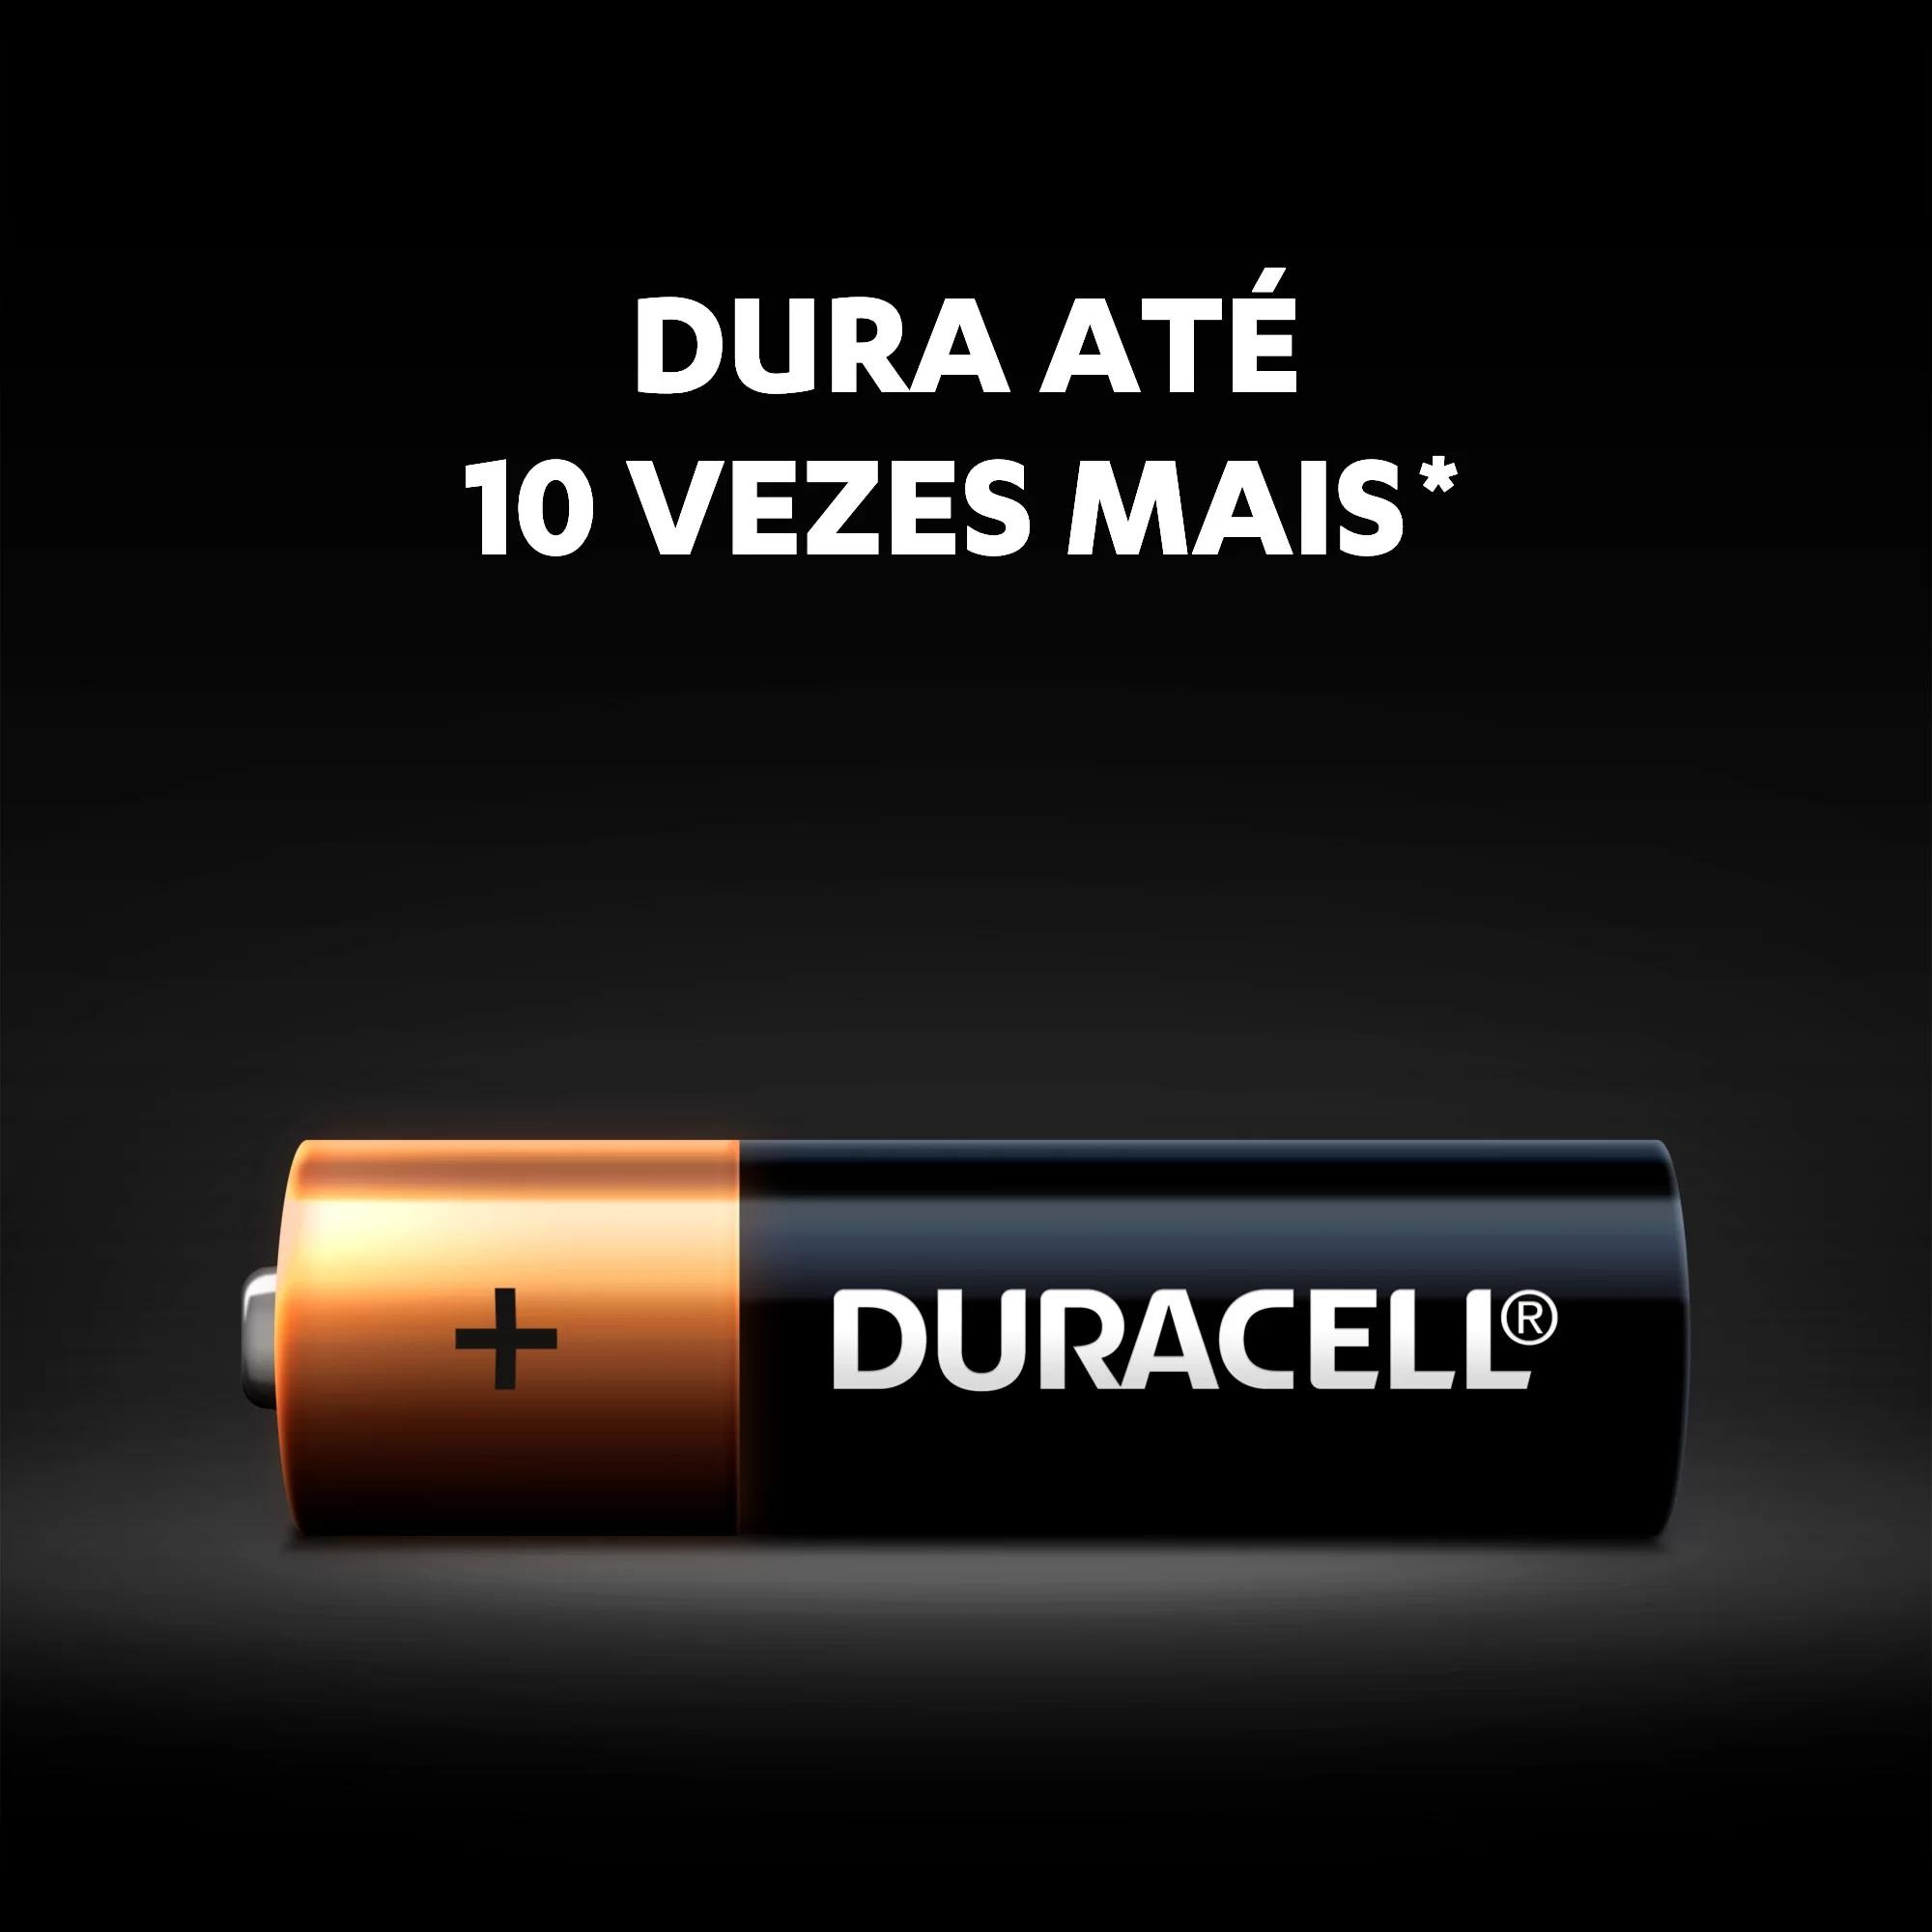 Kit 6 Pilhas Recarregáveis Aaa Duracell 750mah Original